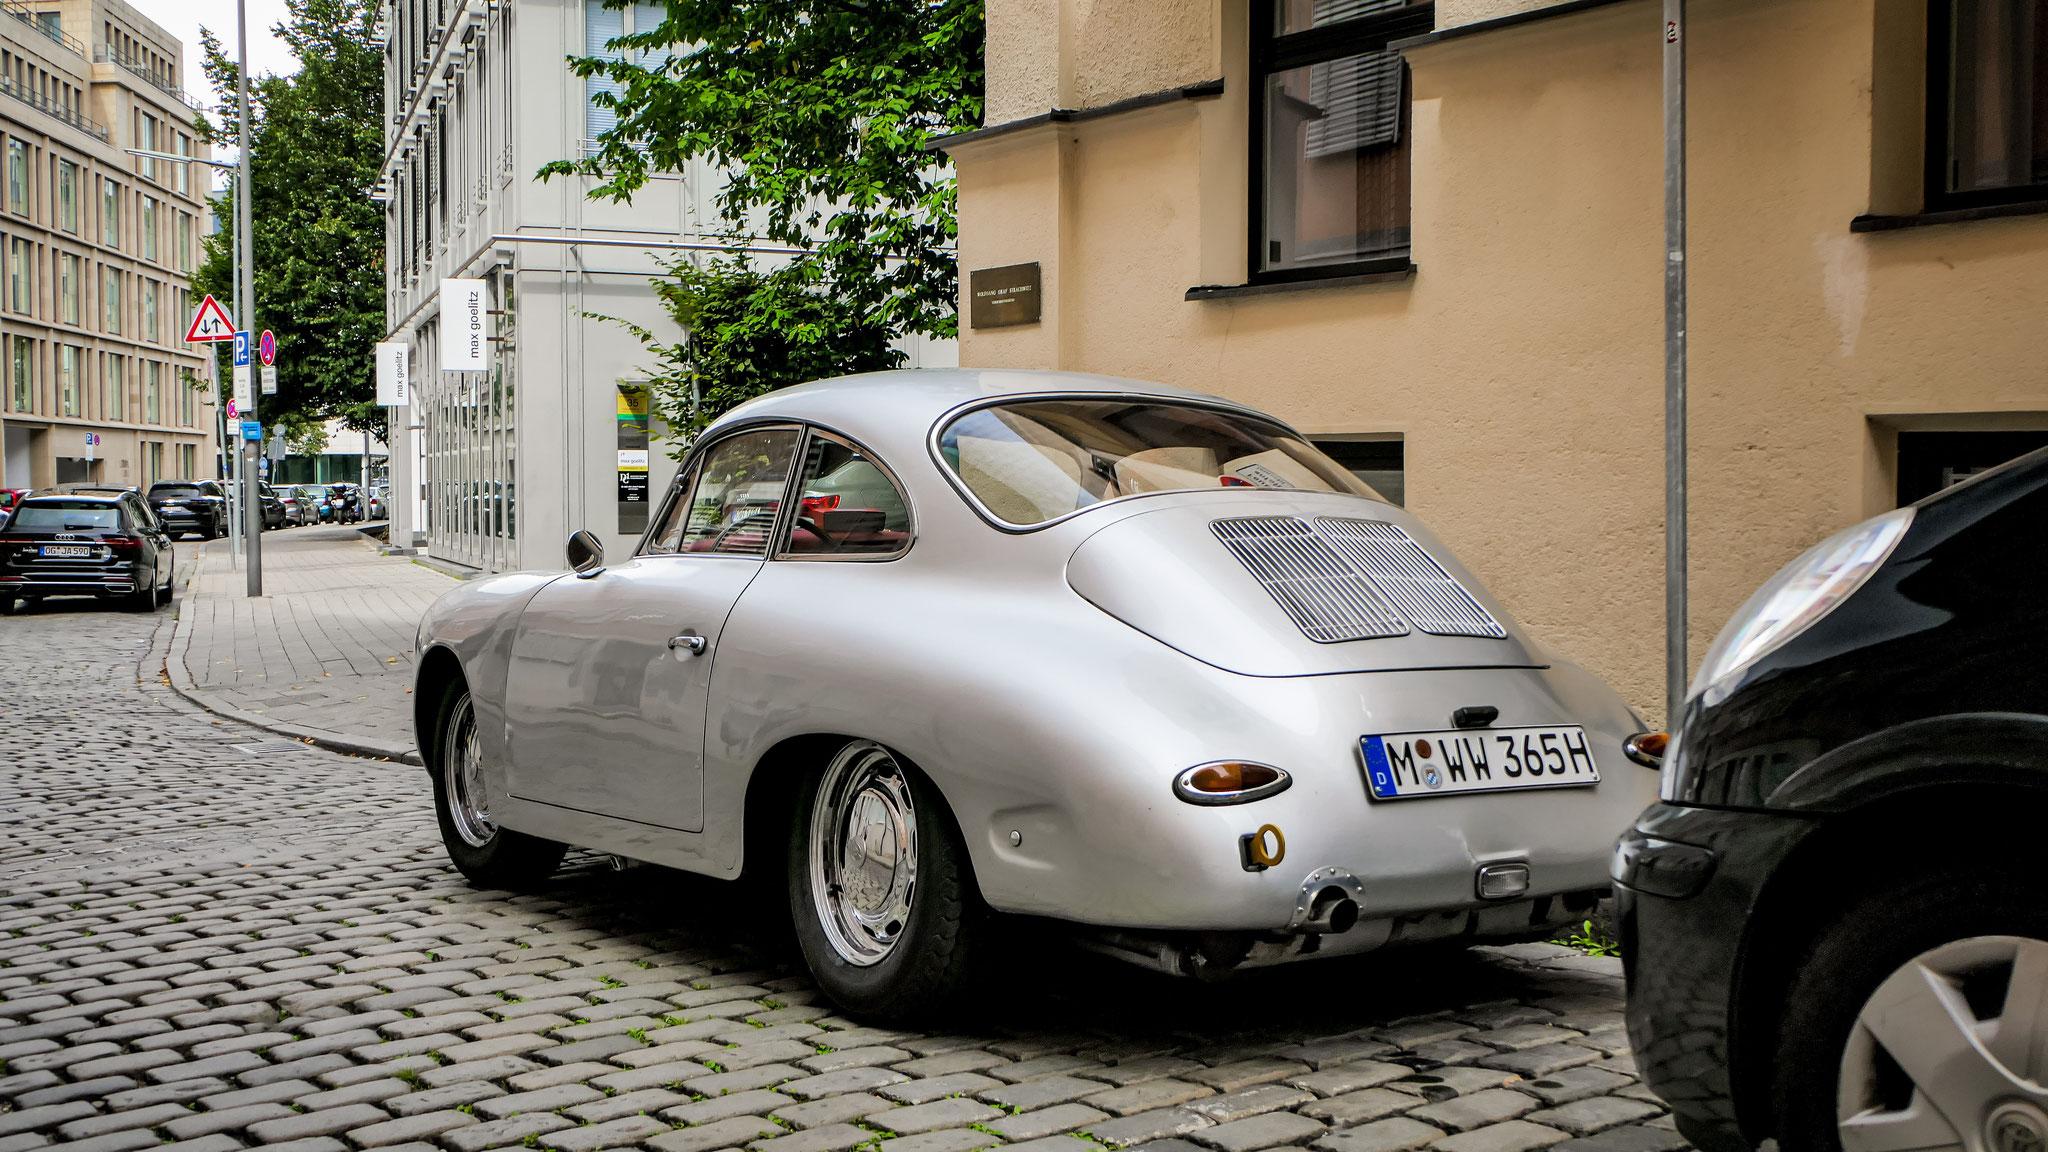 Porsche 356 SC - M-WW-365H